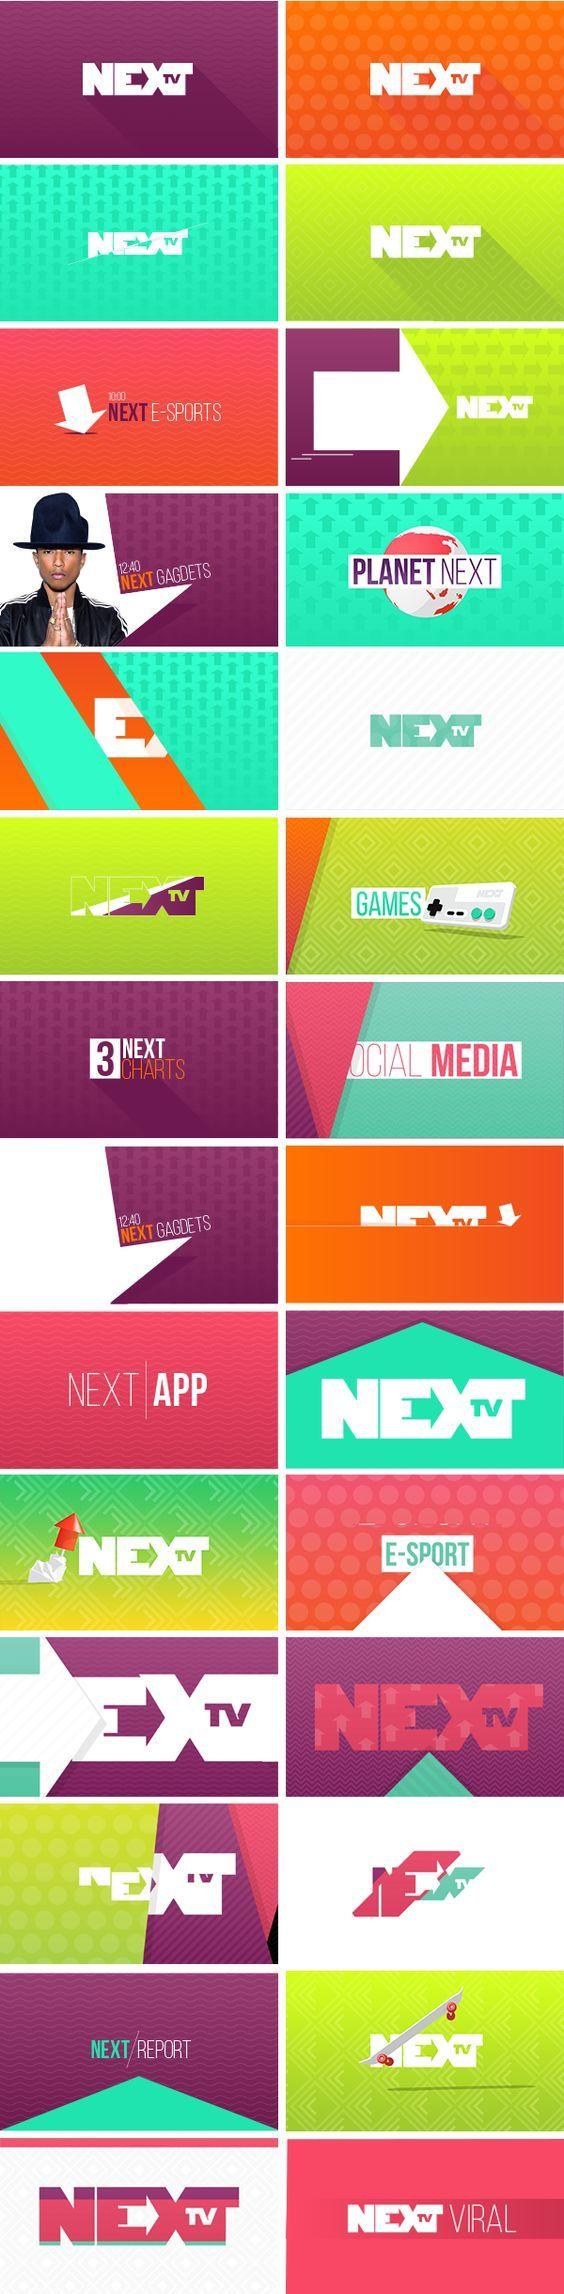 NEXT TV - Branding on Behance: